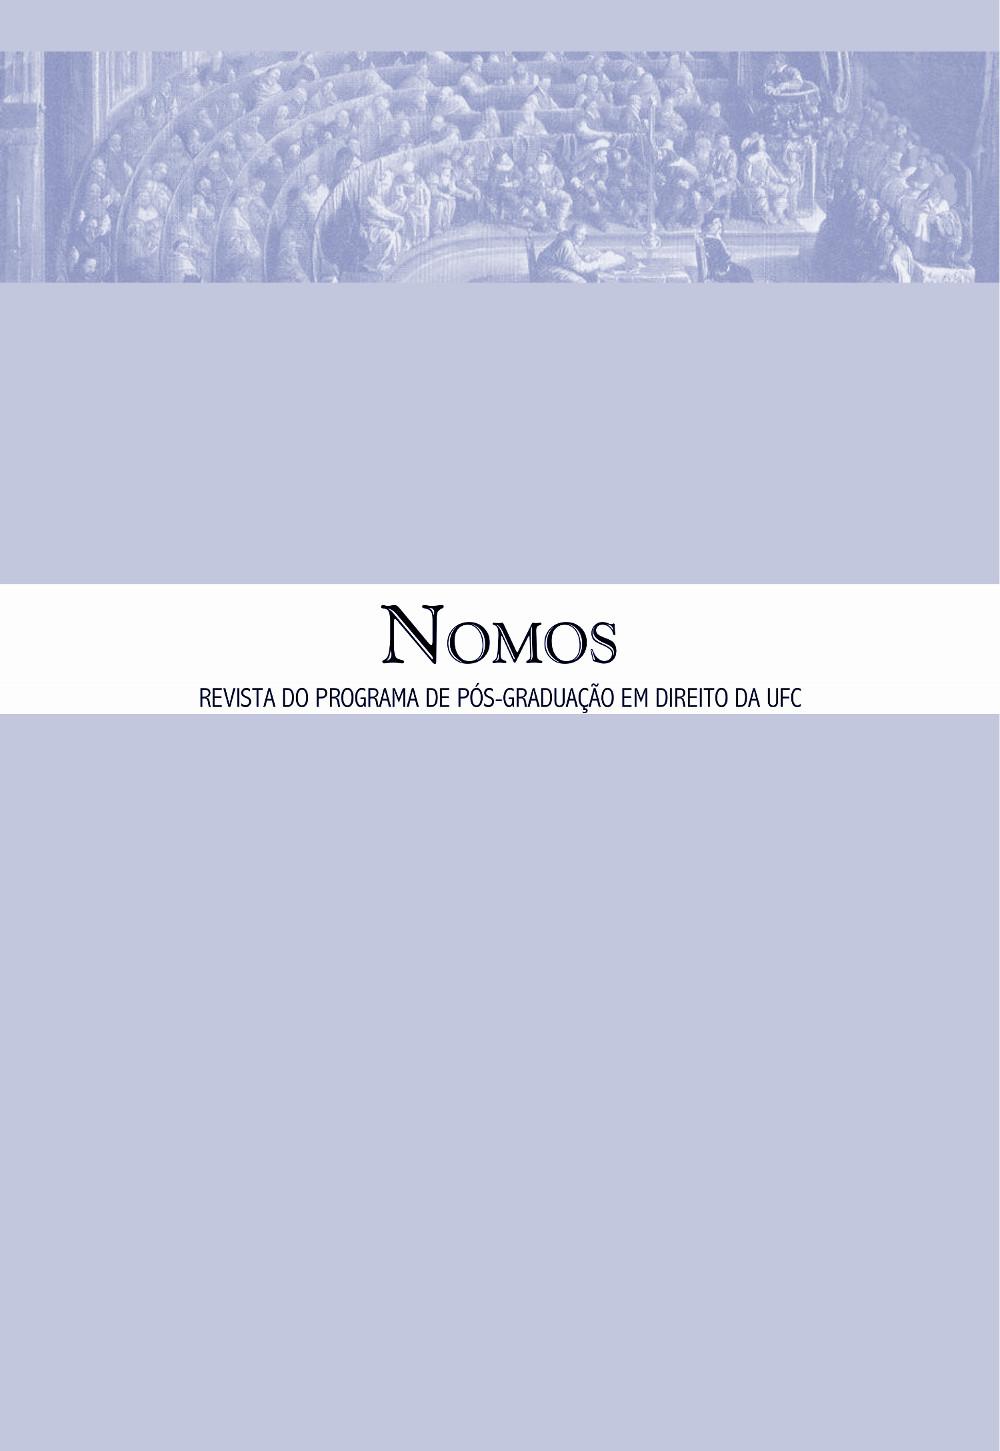 Nomos, volume 35, número 1, janeiro a junho de 2015